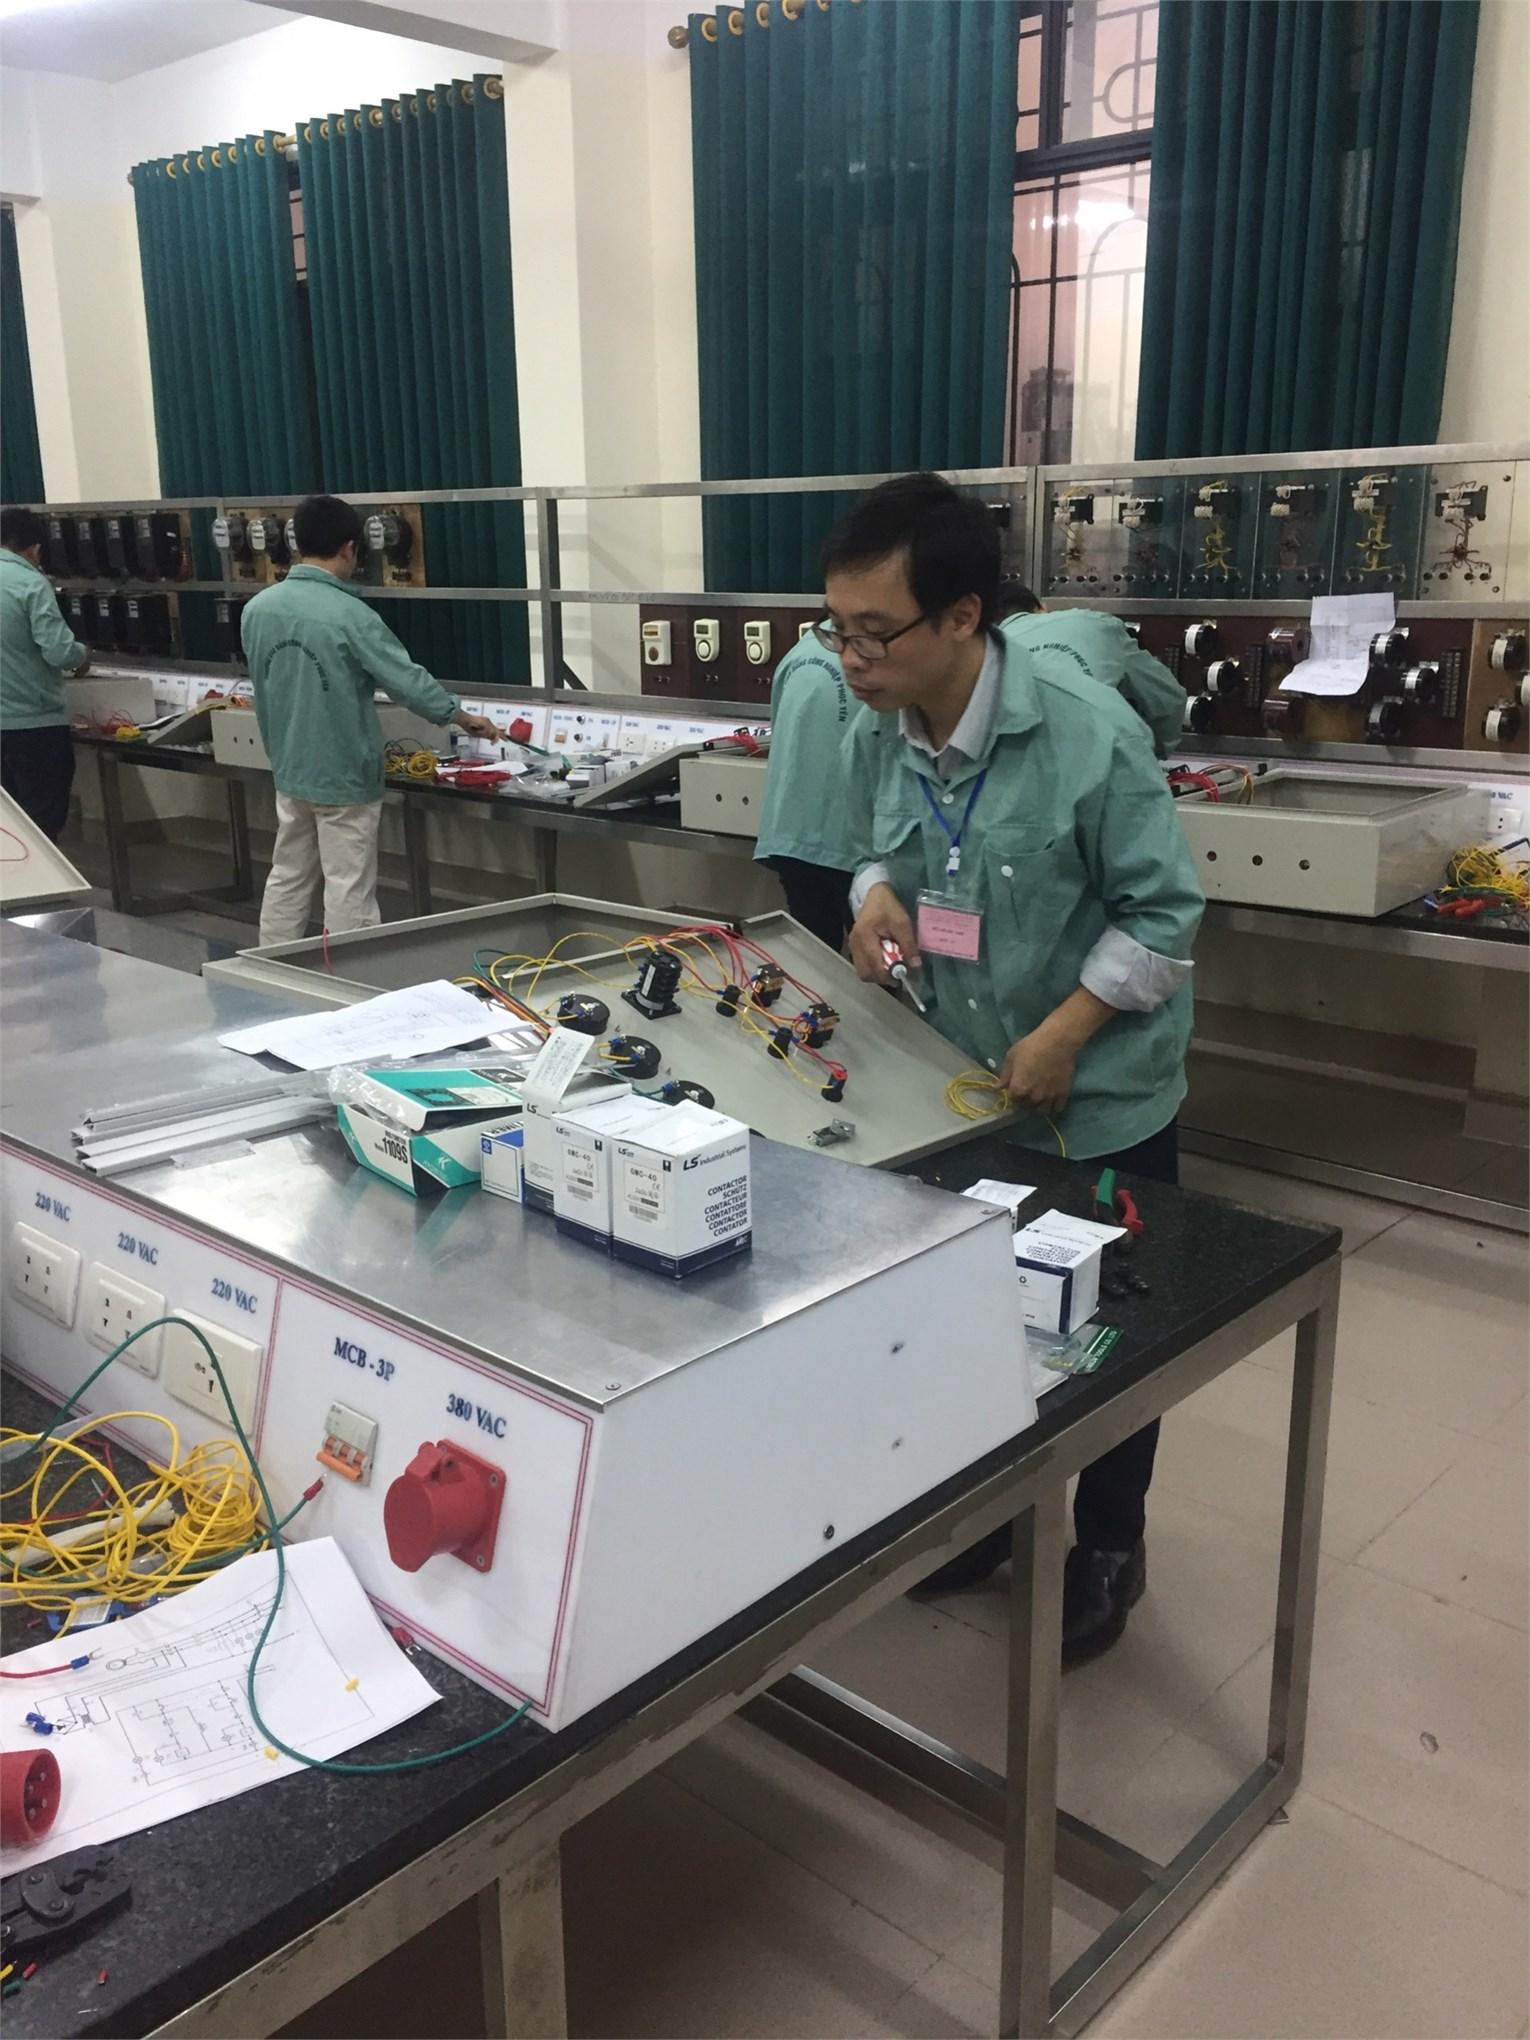 phân thi thực hành nghề Điện công nghiệp